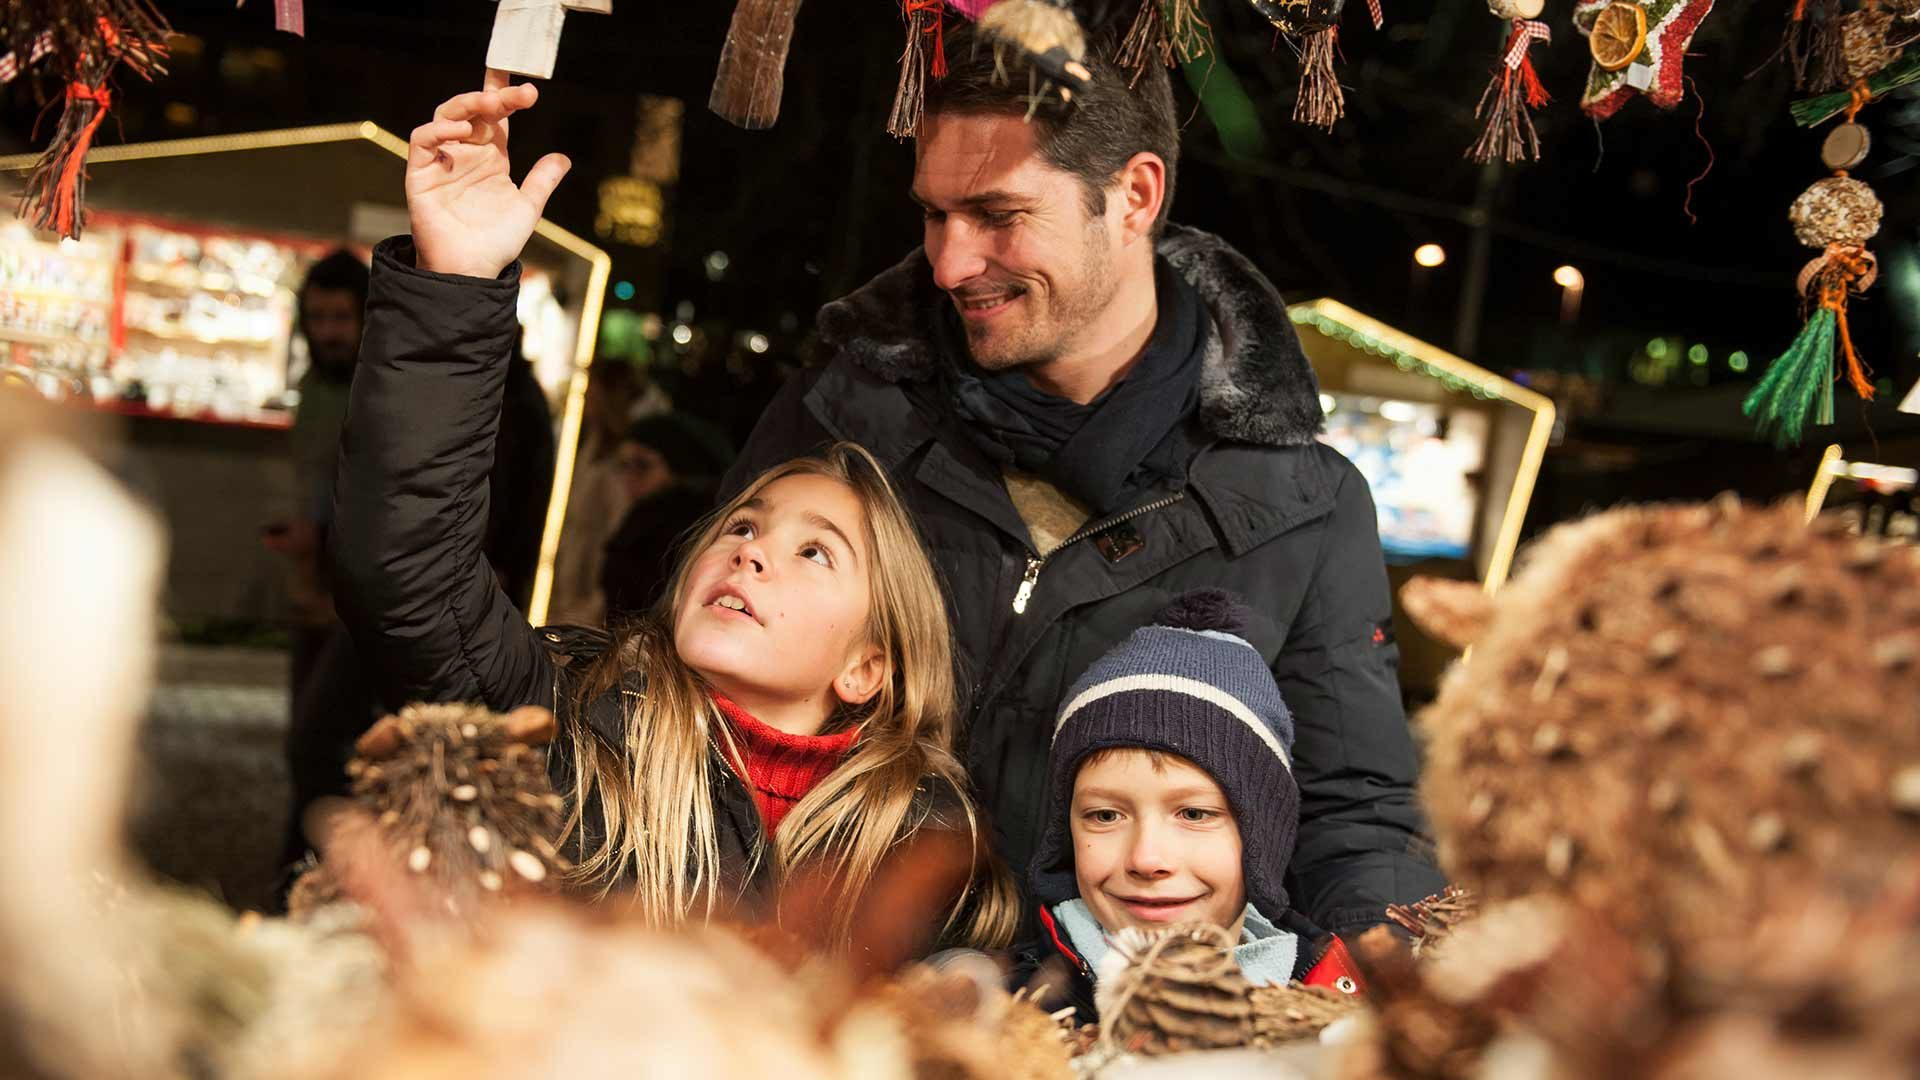 Programma per bambini nel mercatino di Natale